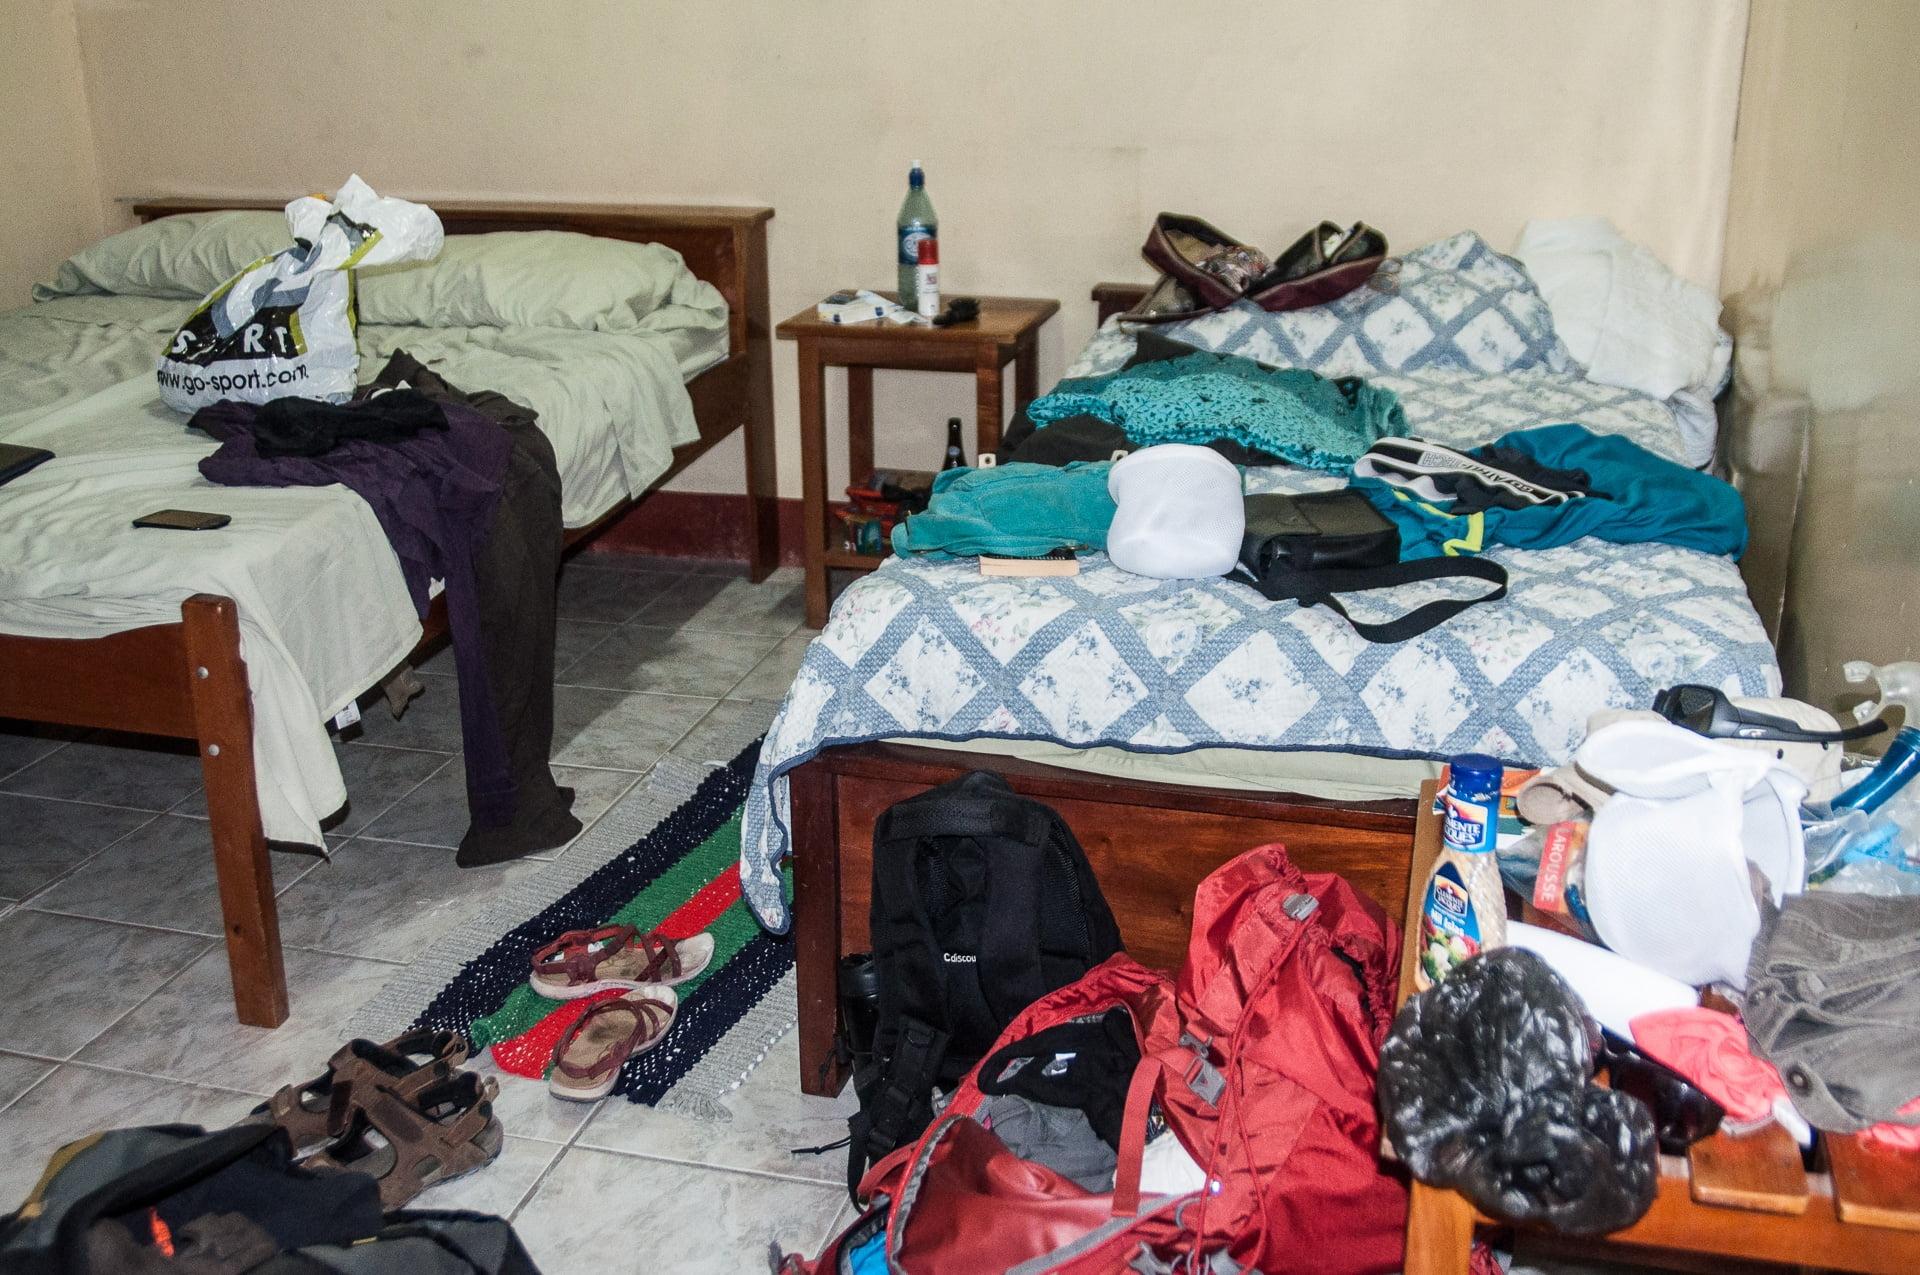 Nouveau chambre chez l habitant angers - Chambre chez l habitant barcelone pas cher ...